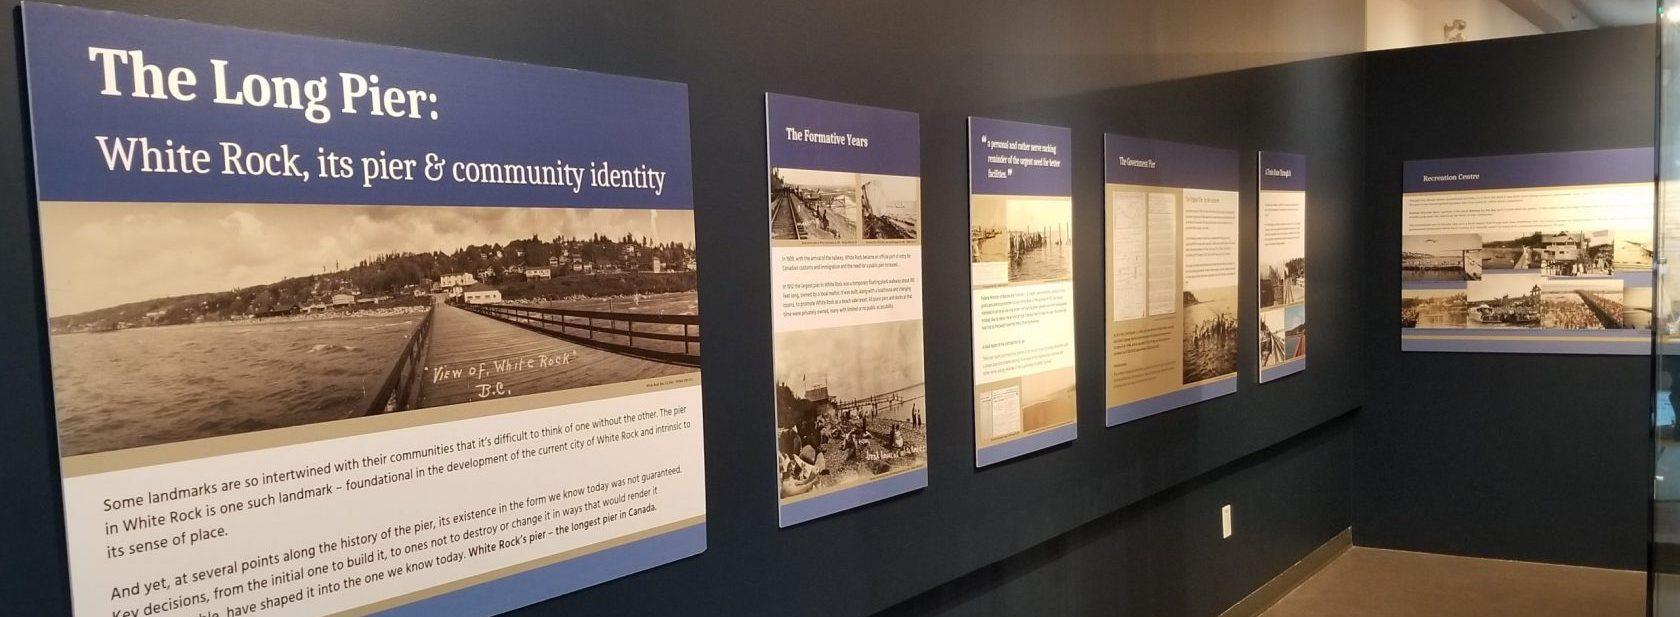 The Long Pier exhibit